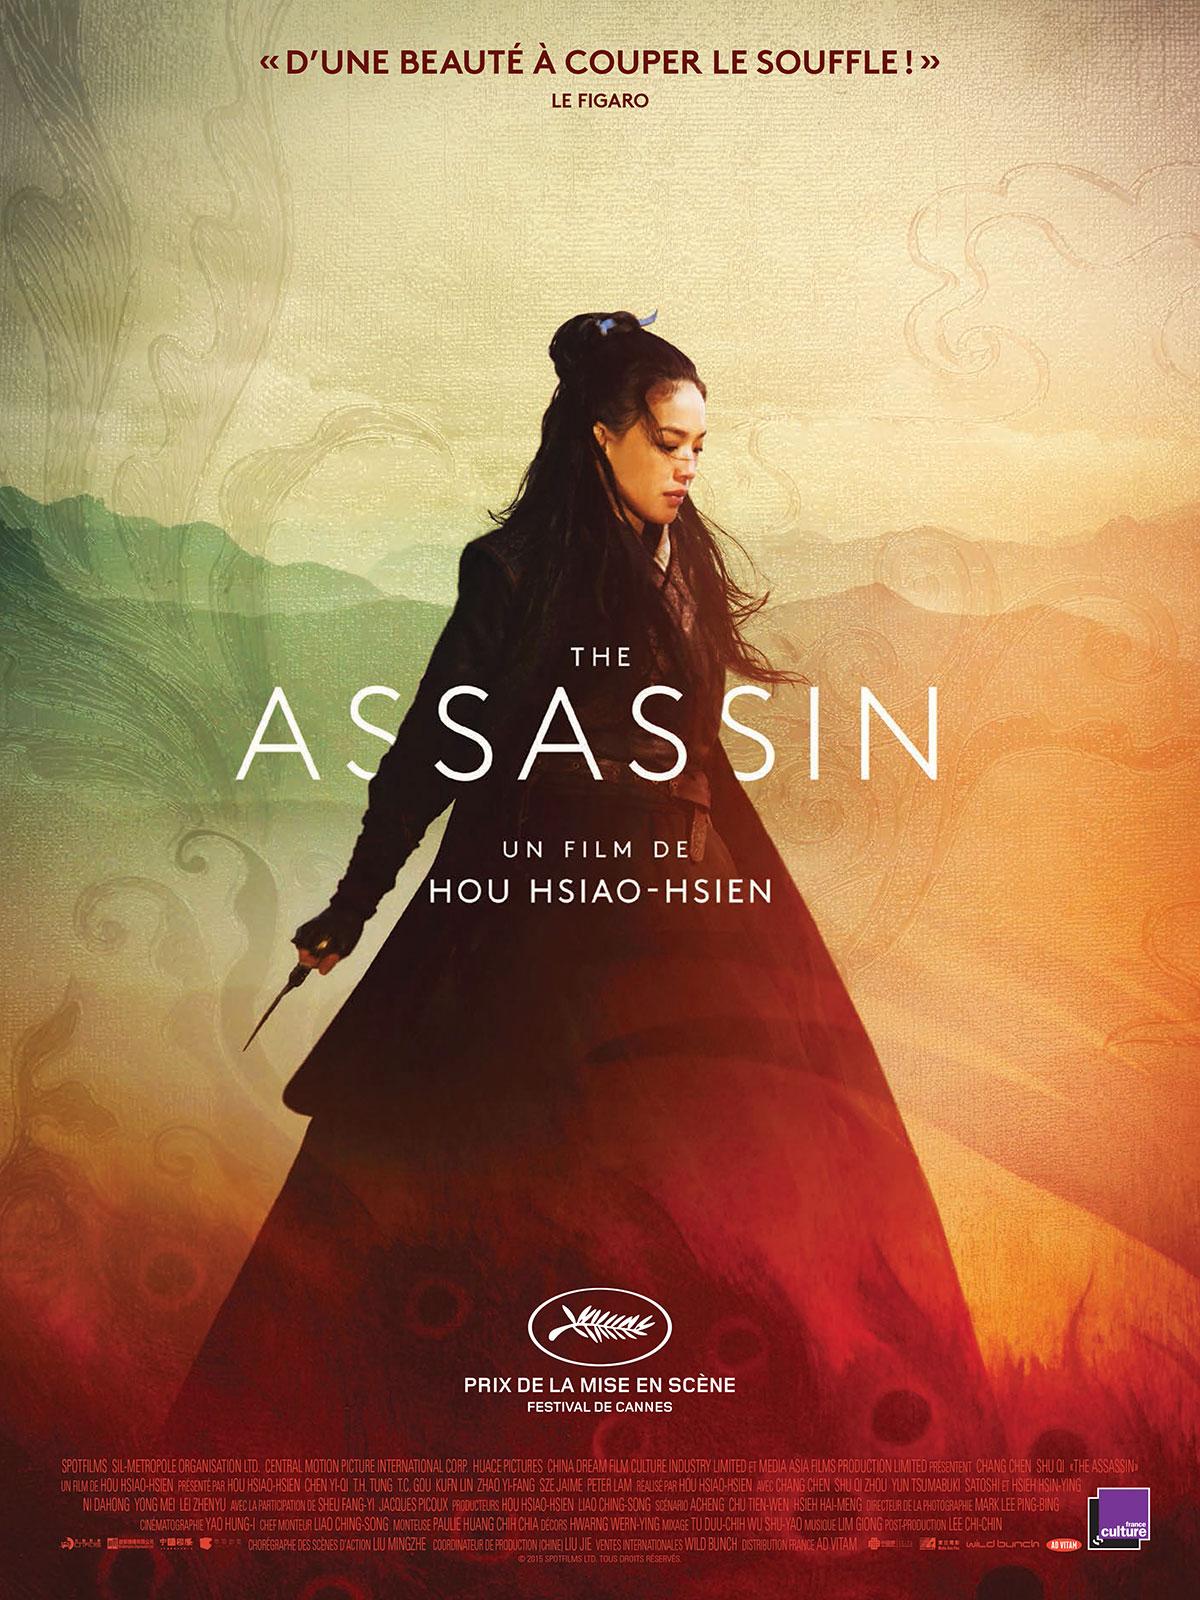 top-20-des-plus-belles-affiches-de-films-de-annee-2016-folkr-01-assassin